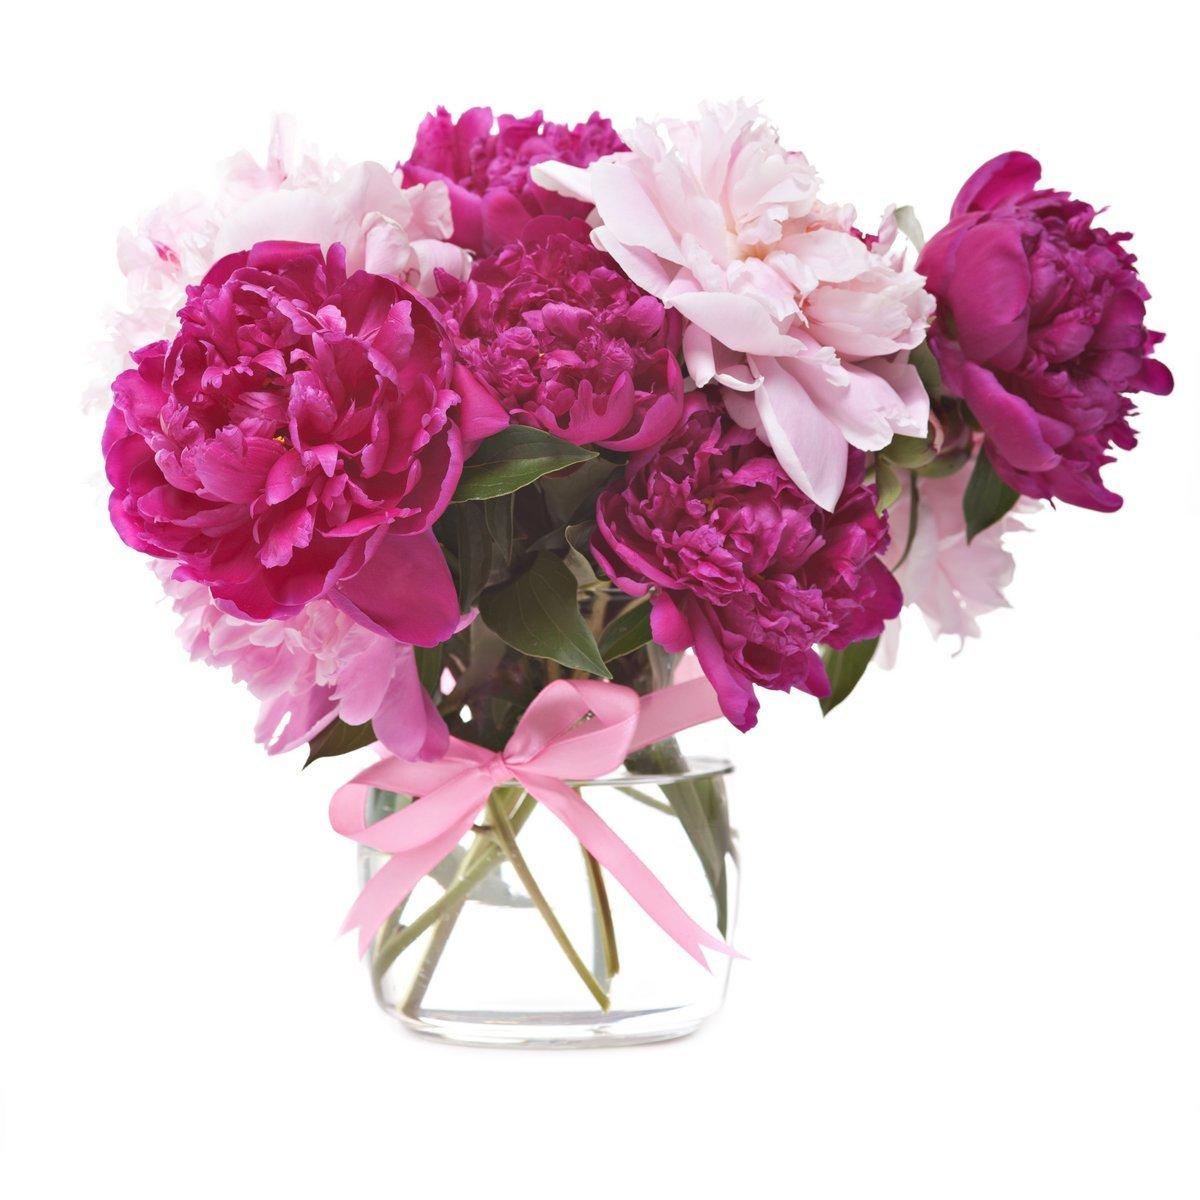 Букет пионов цветет, 20x20 см, на бумаге